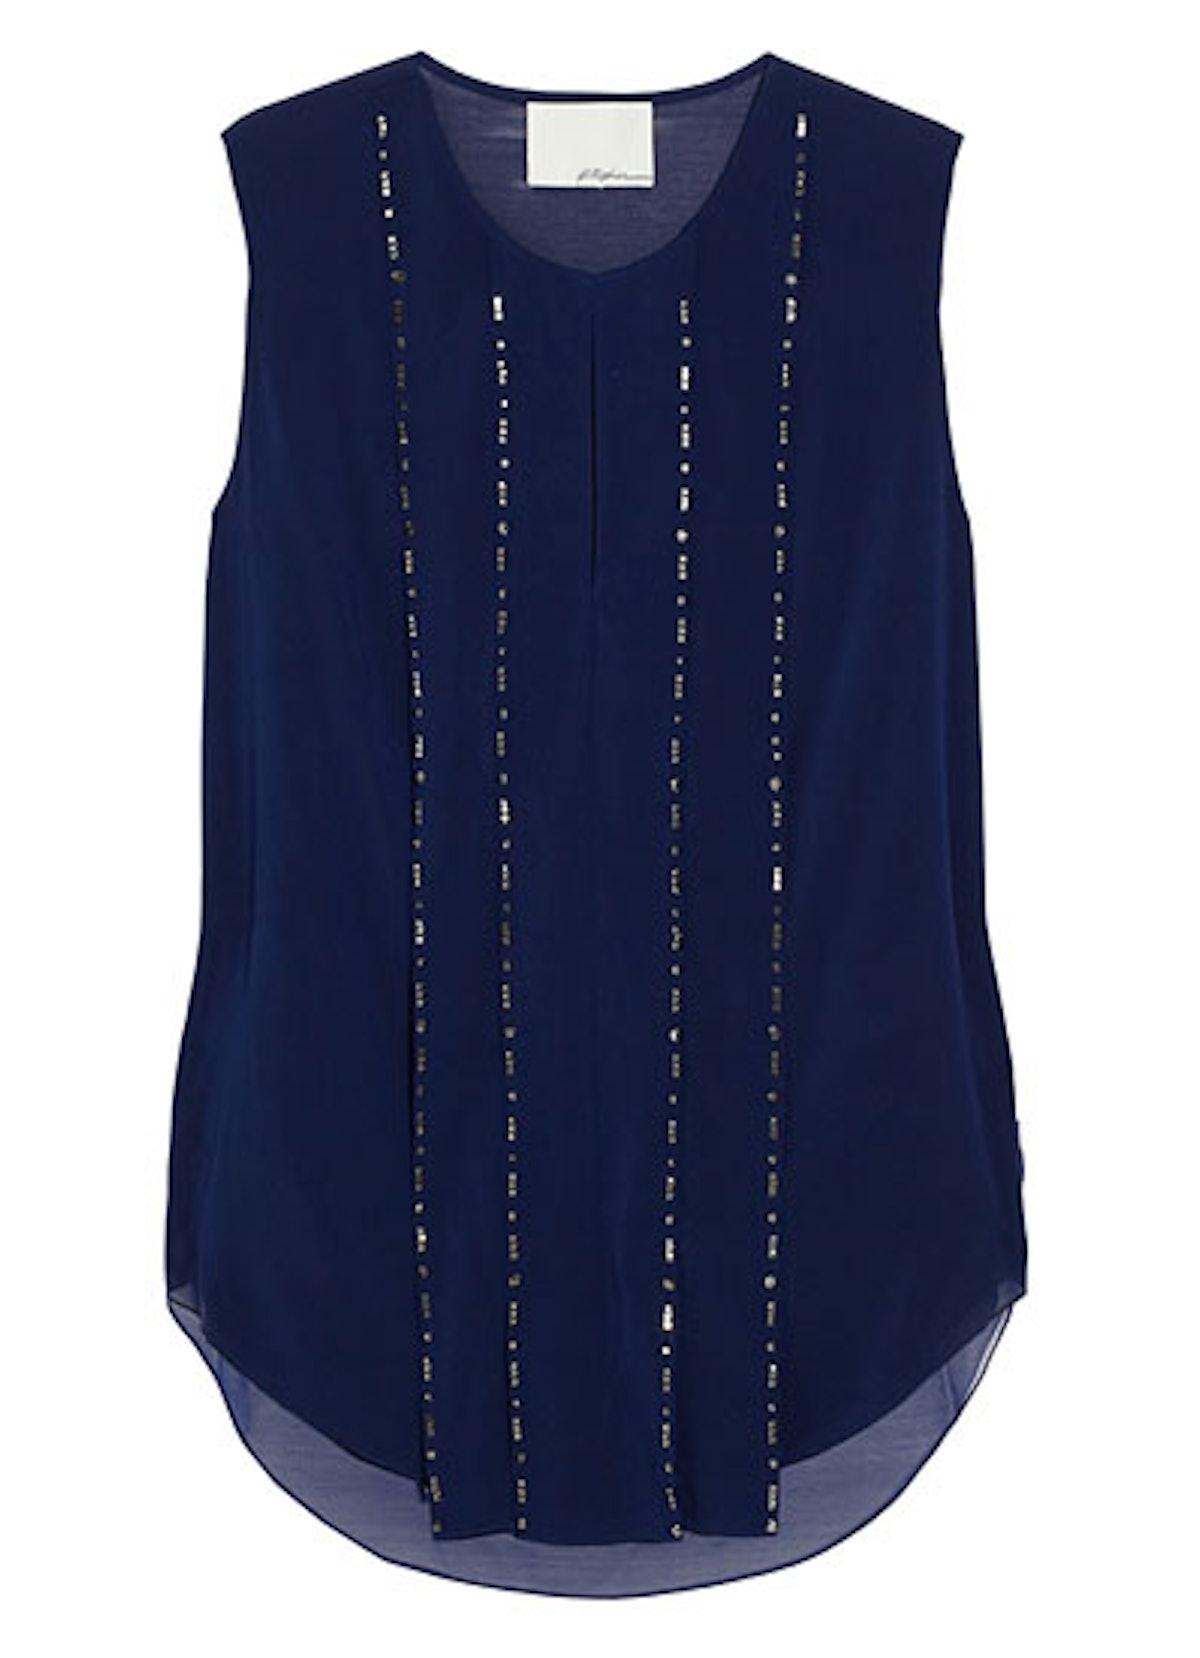 fass-sleeveless-blouses-04-v.jpg